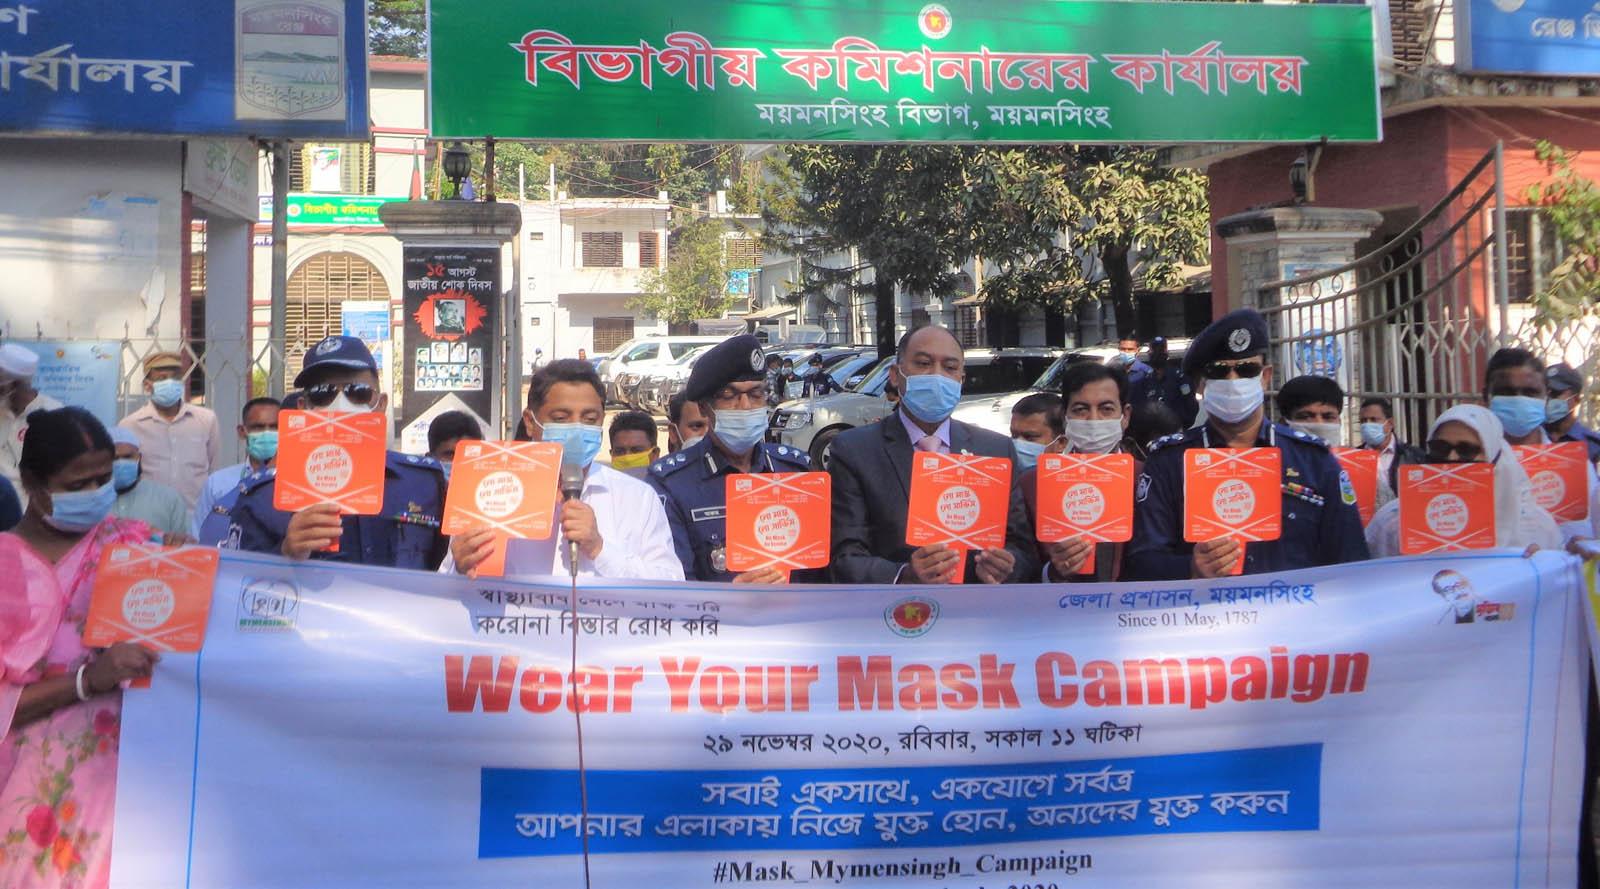 ময়মনসিংহ জেলা প্রশাসনের 'মাস্ক পরিধান ক্যাম্পেইন' অনুষ্ঠিত